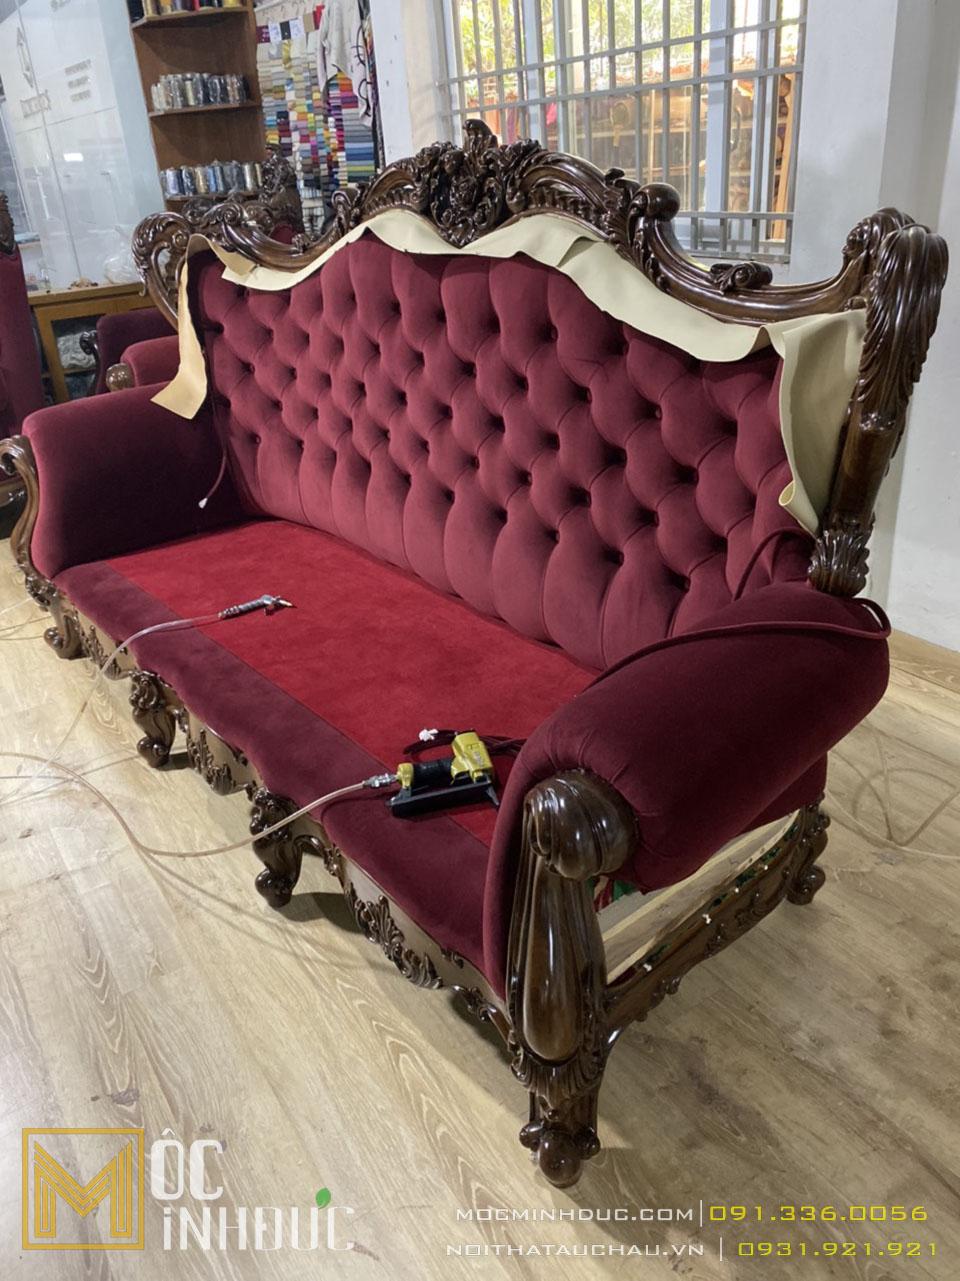 Hình ảnh người thợ đang bọc nỉ cho ghế sofa tân cổ điển